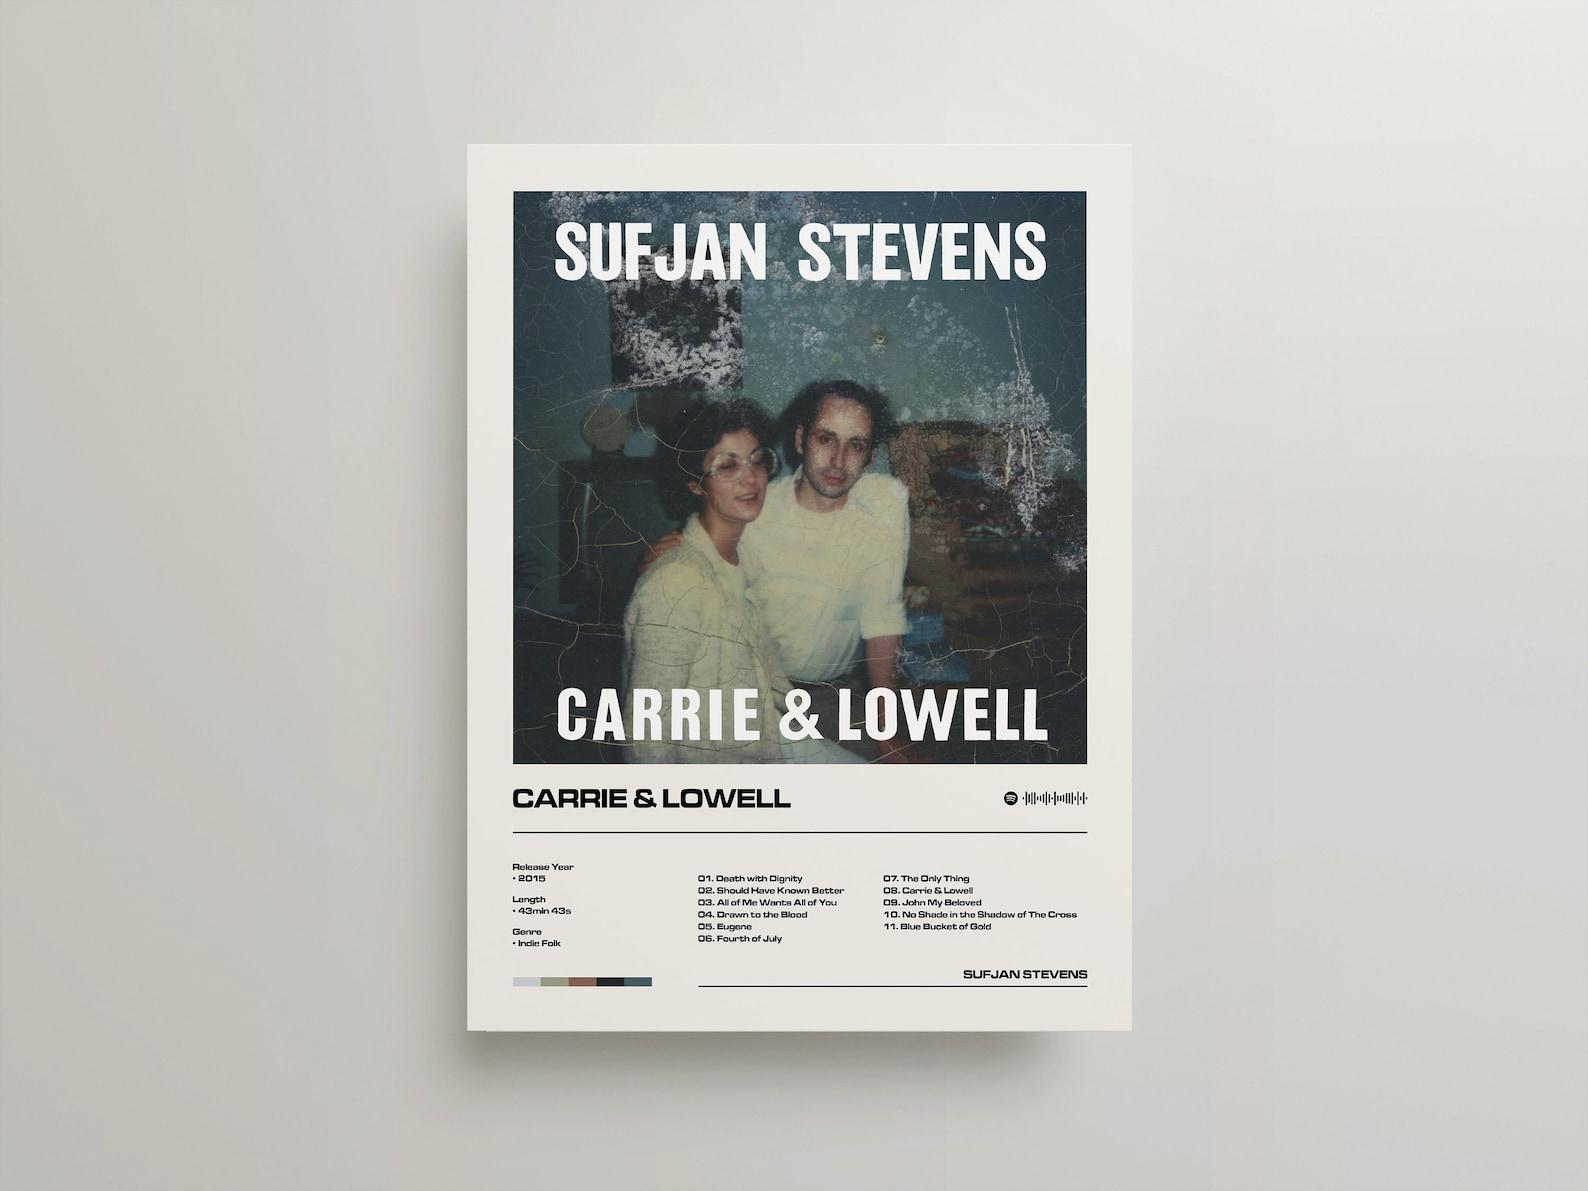 Carrie & Lowell Sufjan Stevens Album Poster Framed   Etsy